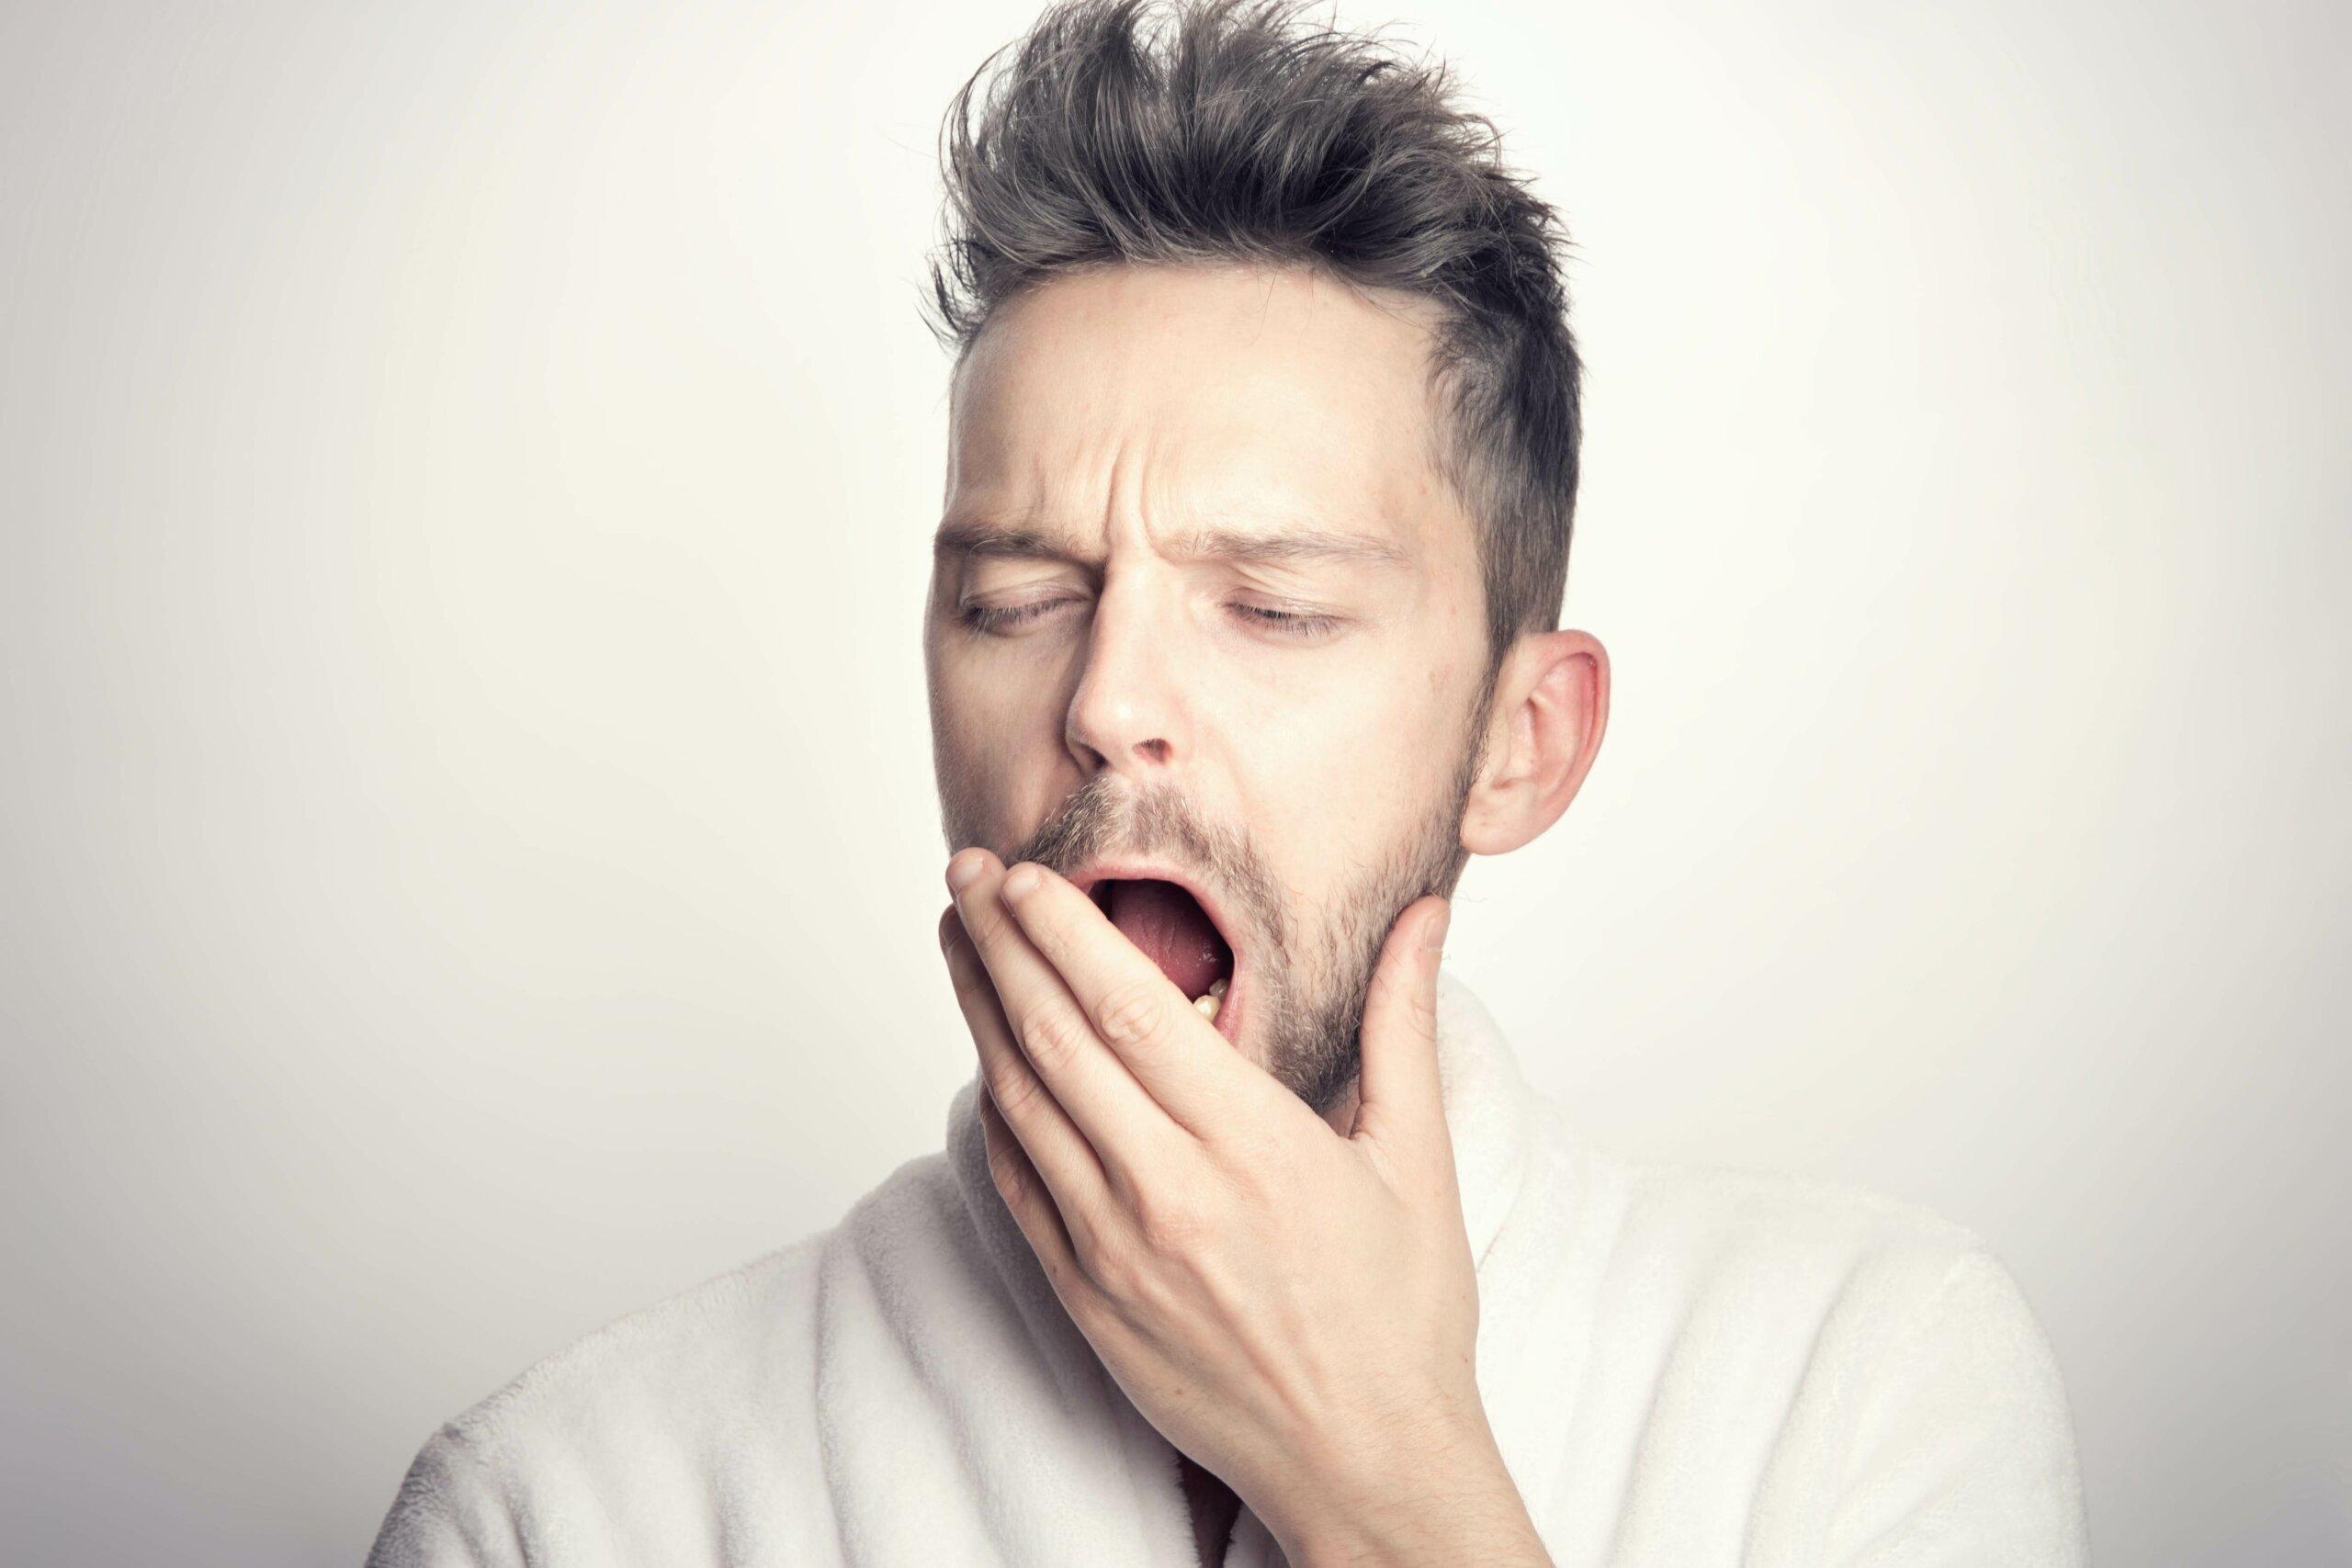 熬夜的壞處包括失眠導致的精神不濟